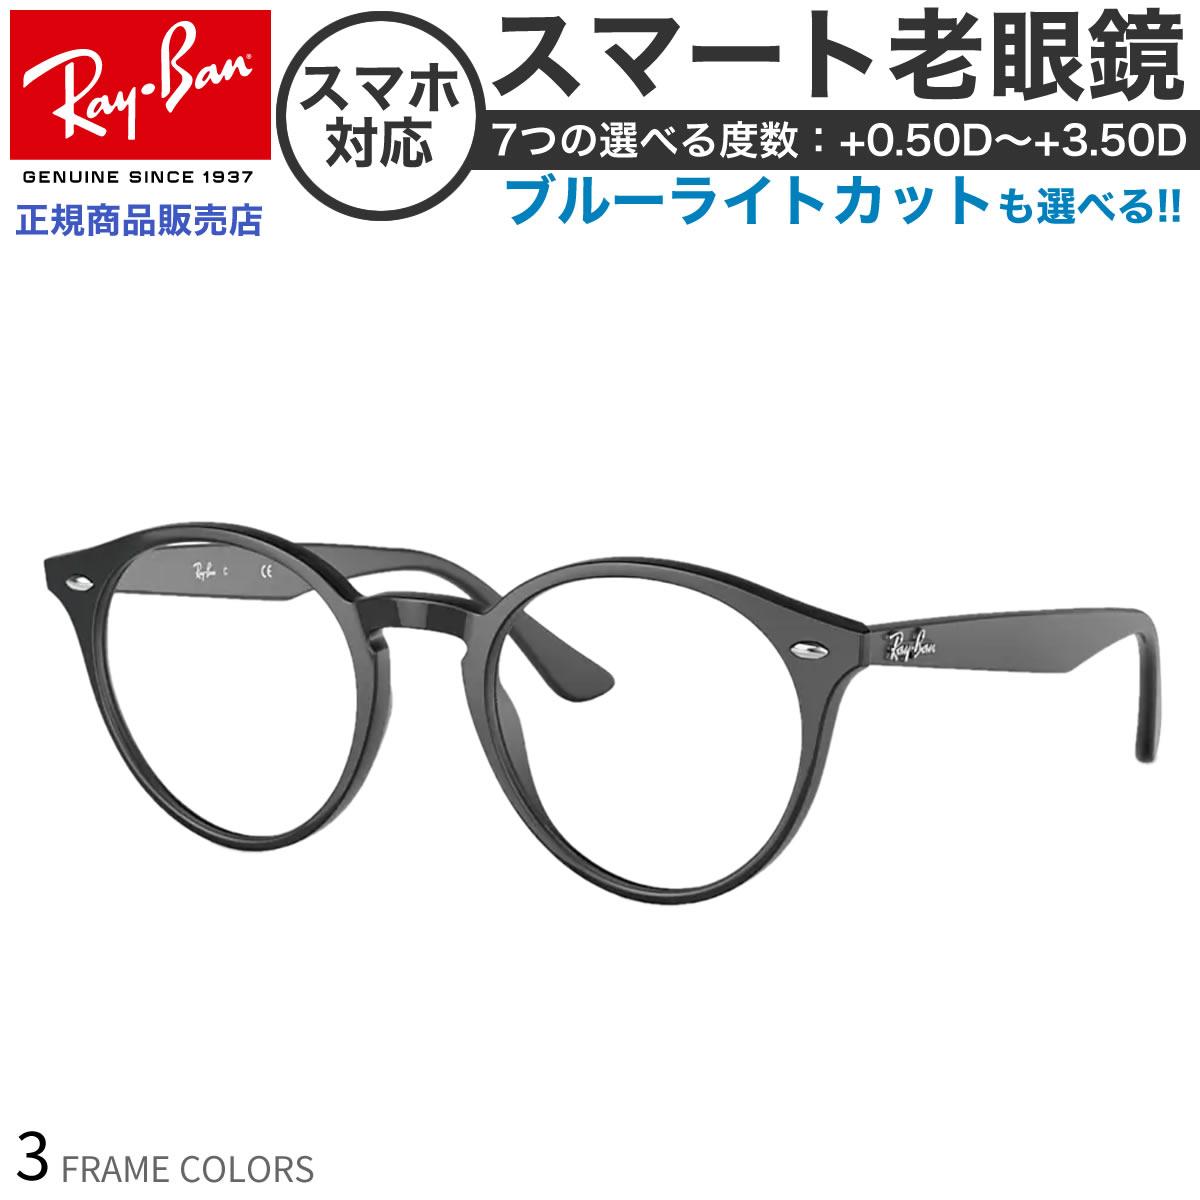 即日発送可能 おしゃれ ブランドフレーム 毎週更新 老眼鏡 レイバン で スマホ老眼 眼精疲労 疲れ目サポート 0.5 1.0 1.5 2.0 2.5 あす楽対応 3.0 PCメガネ UV400 RX2180VF シニアグラス OS スマート老眼鏡 紫外線カット リーディンググラス 激安 3.5 Ray-Ban UVカット ブルーライトカット